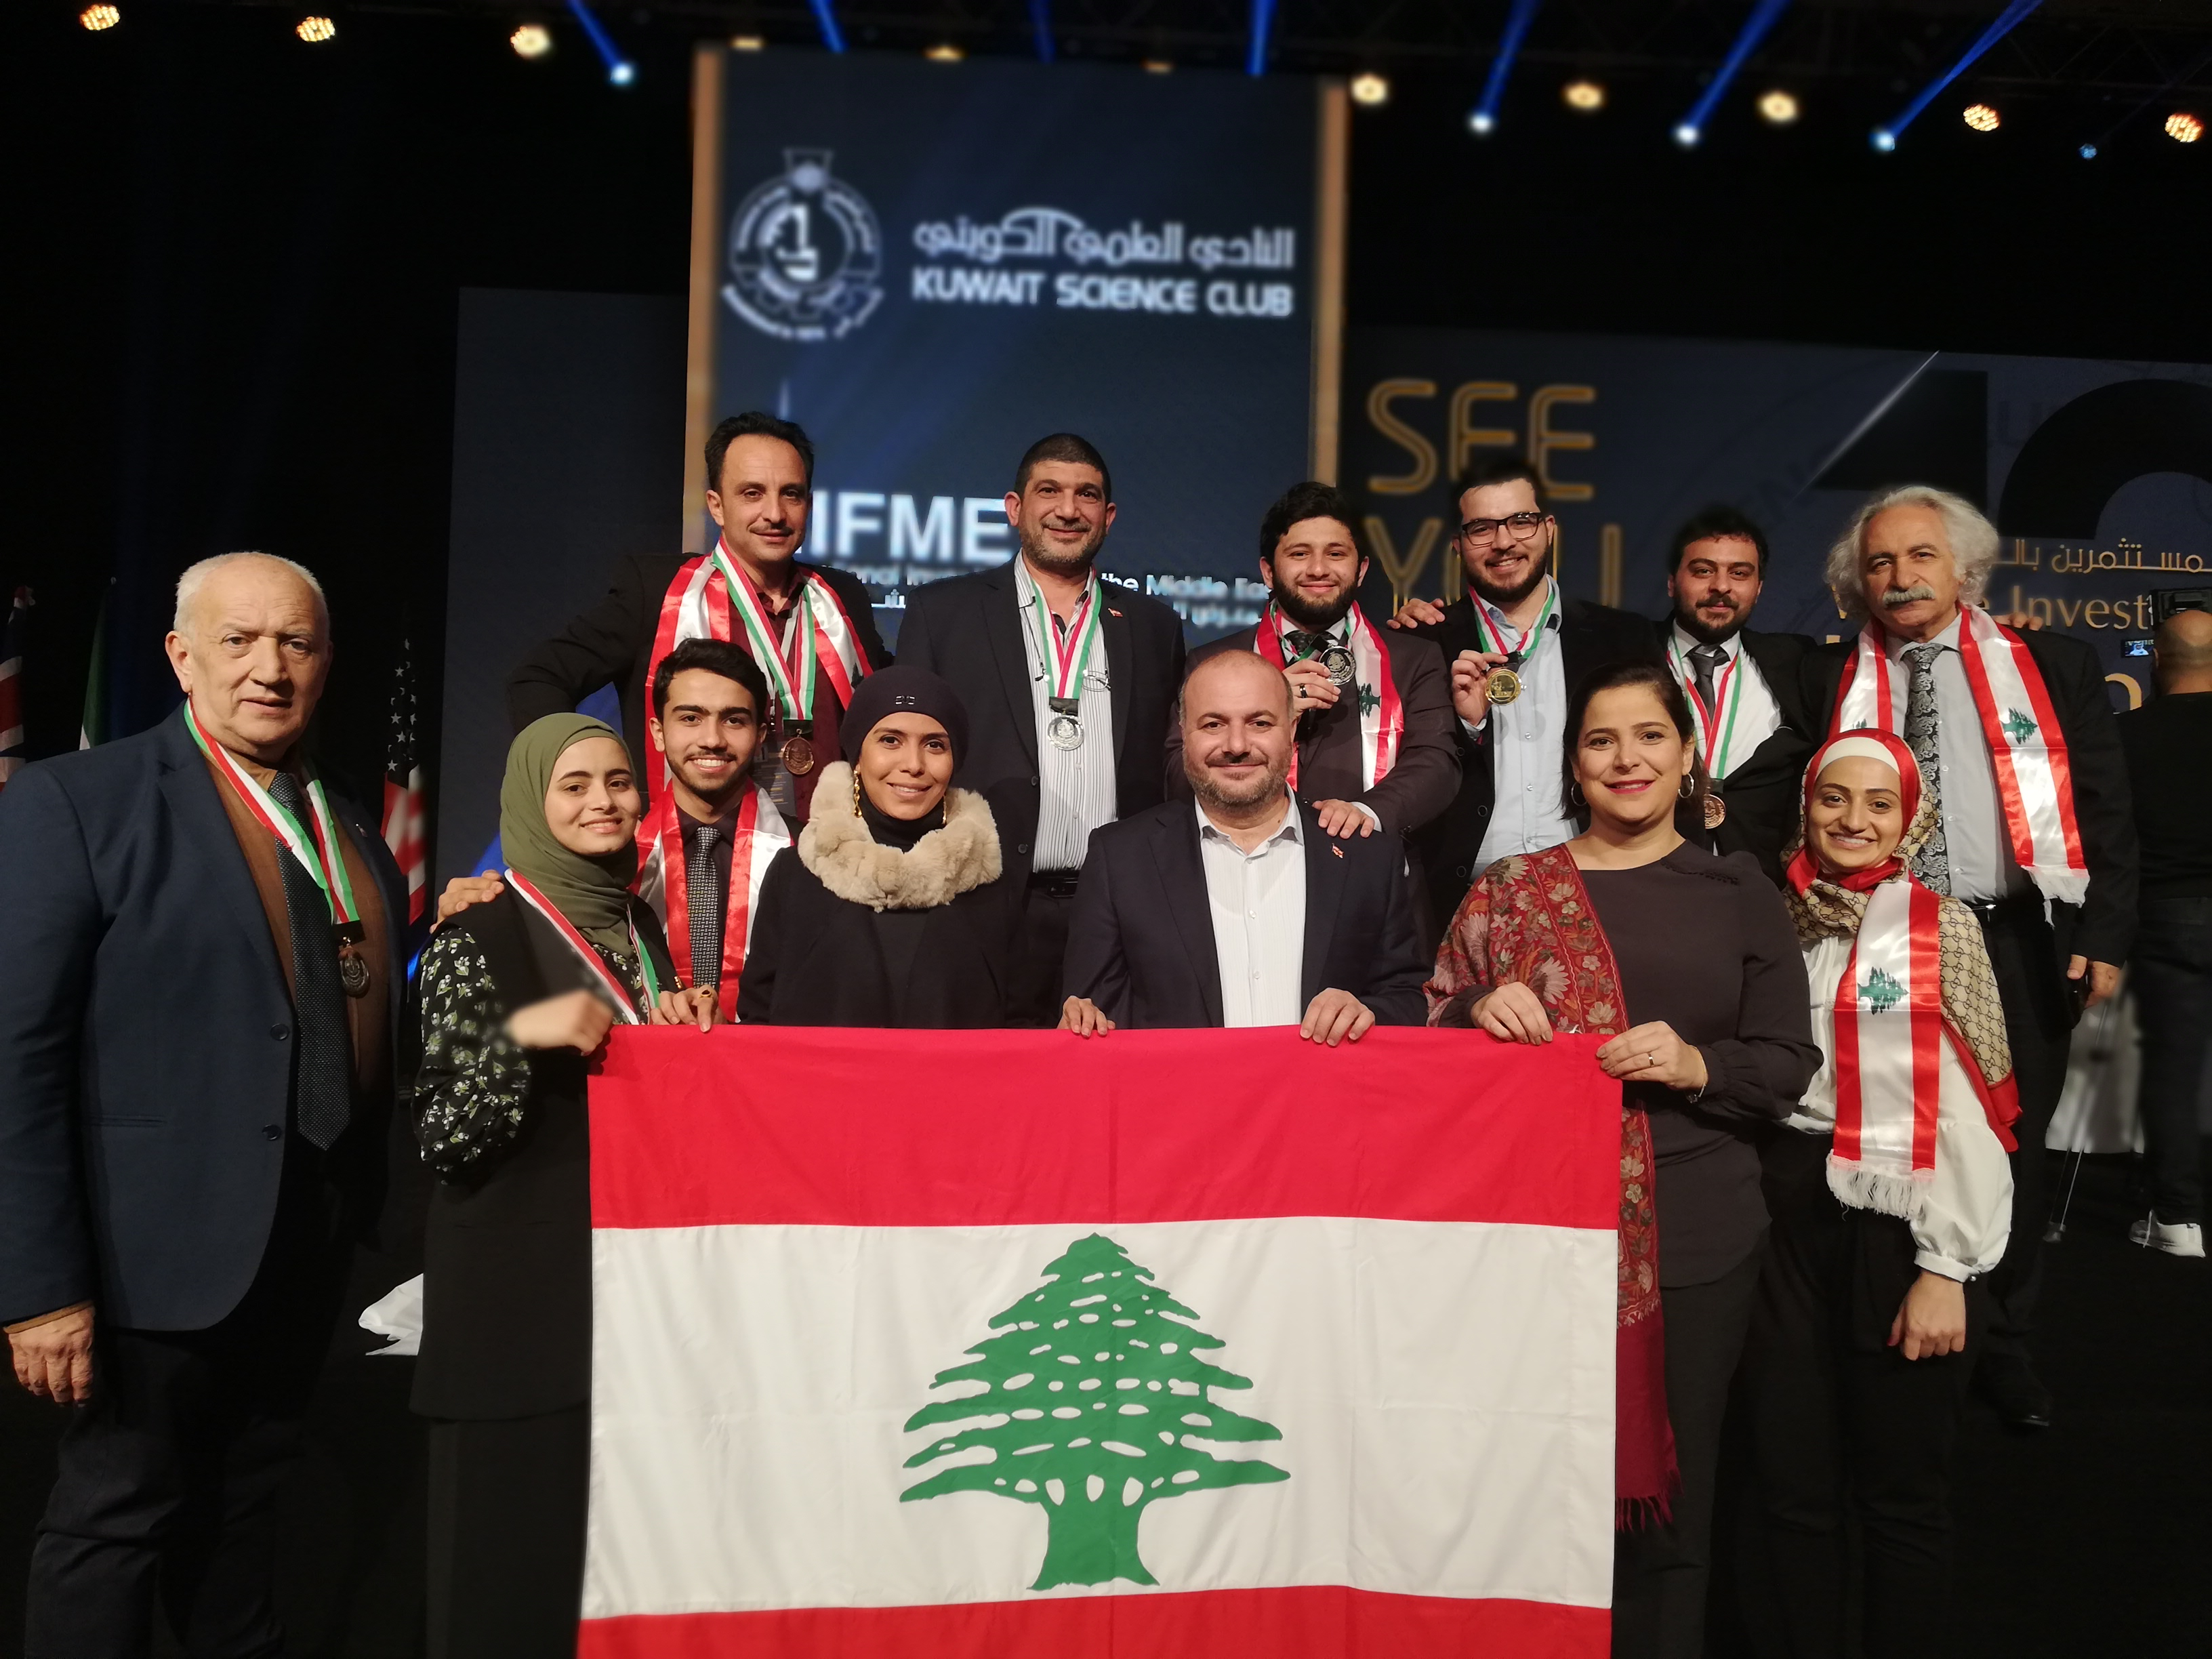 ميدالية ذهبية و5 فضيات وبرونزيتان للبنان في المعرض الدولي الحادي عشر للاختراعات في الشرق الأوسط – الكويت